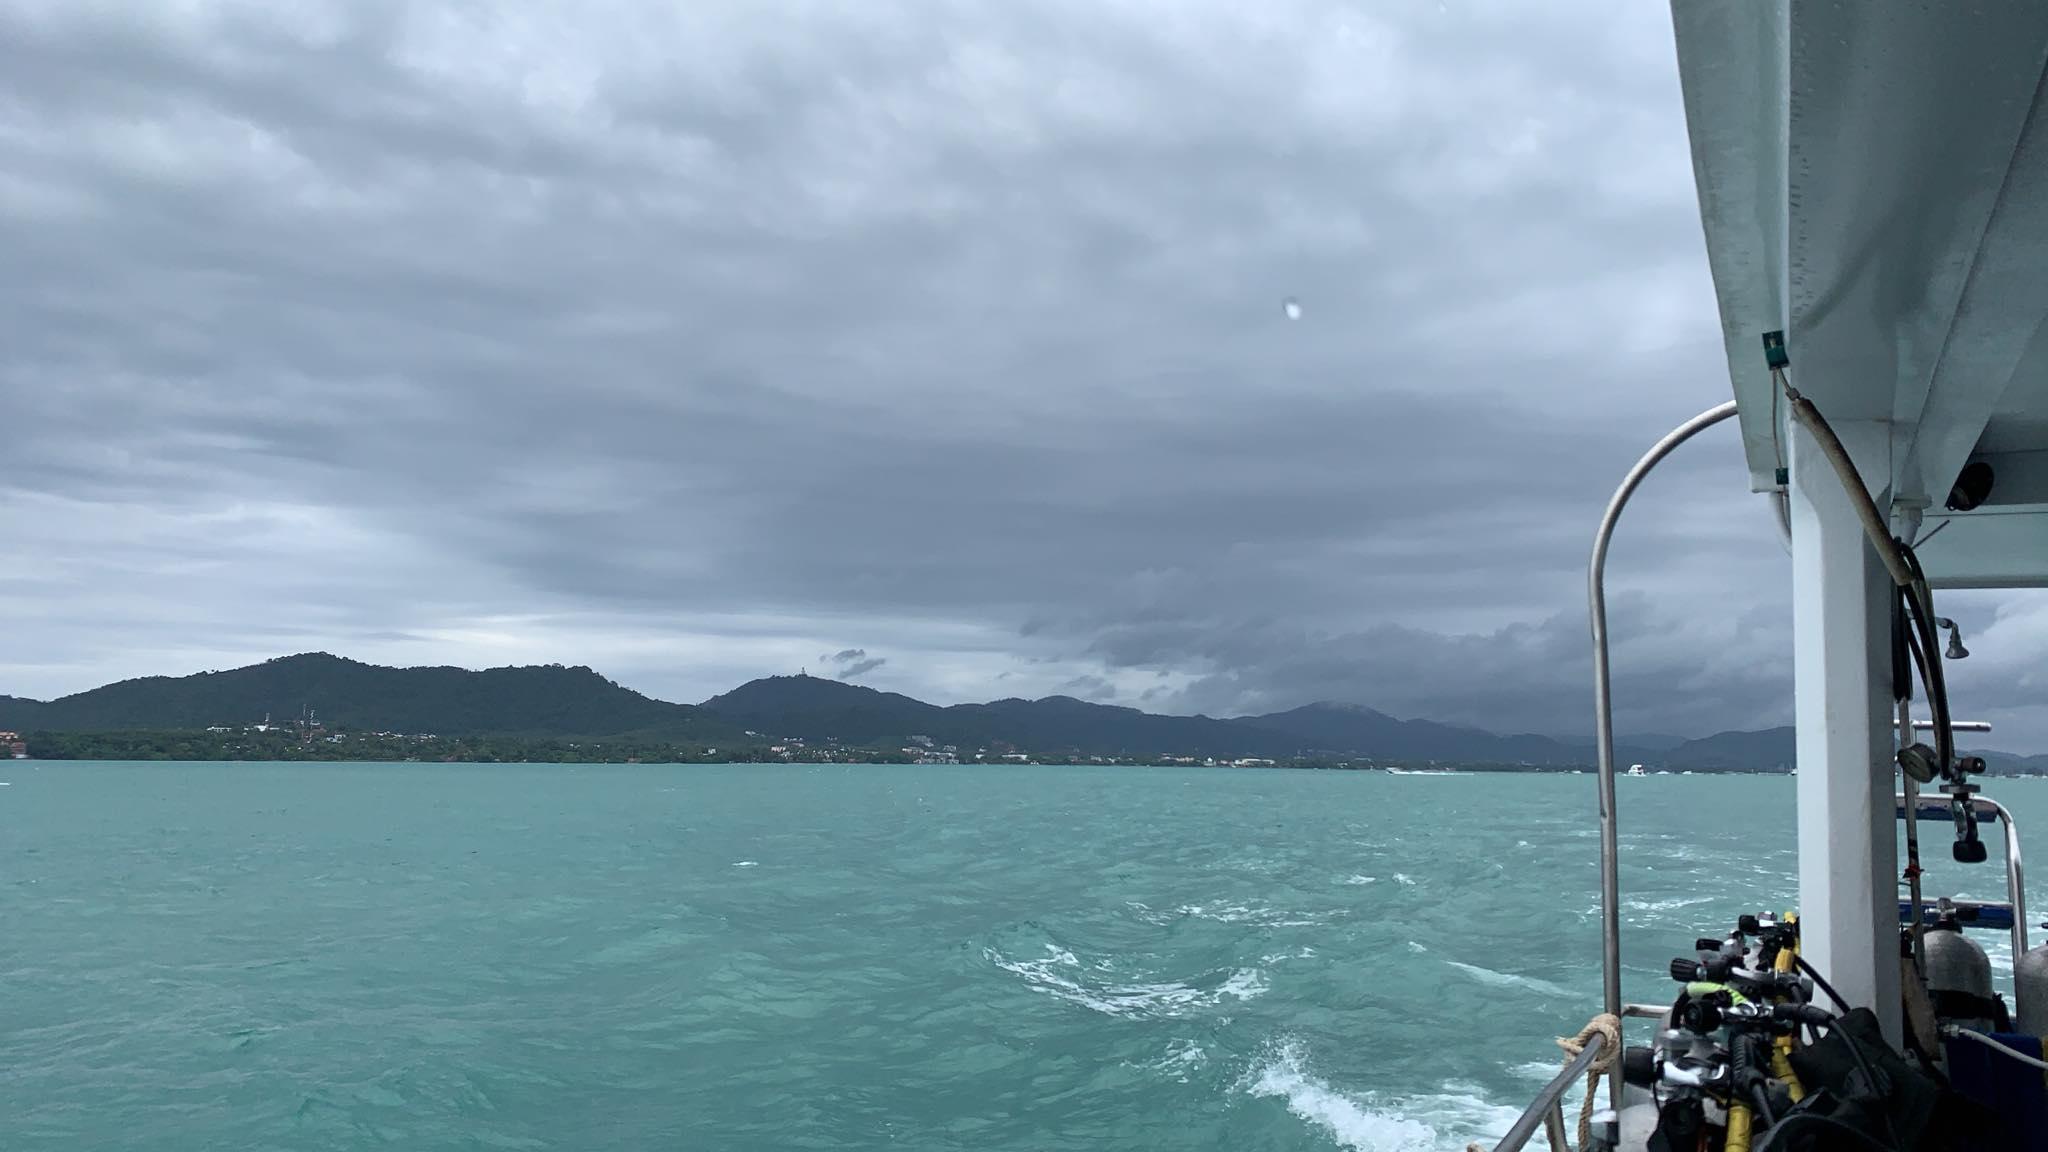 2019年8月30日 体験ダイビング@ラチャヤイ島2ダイブ